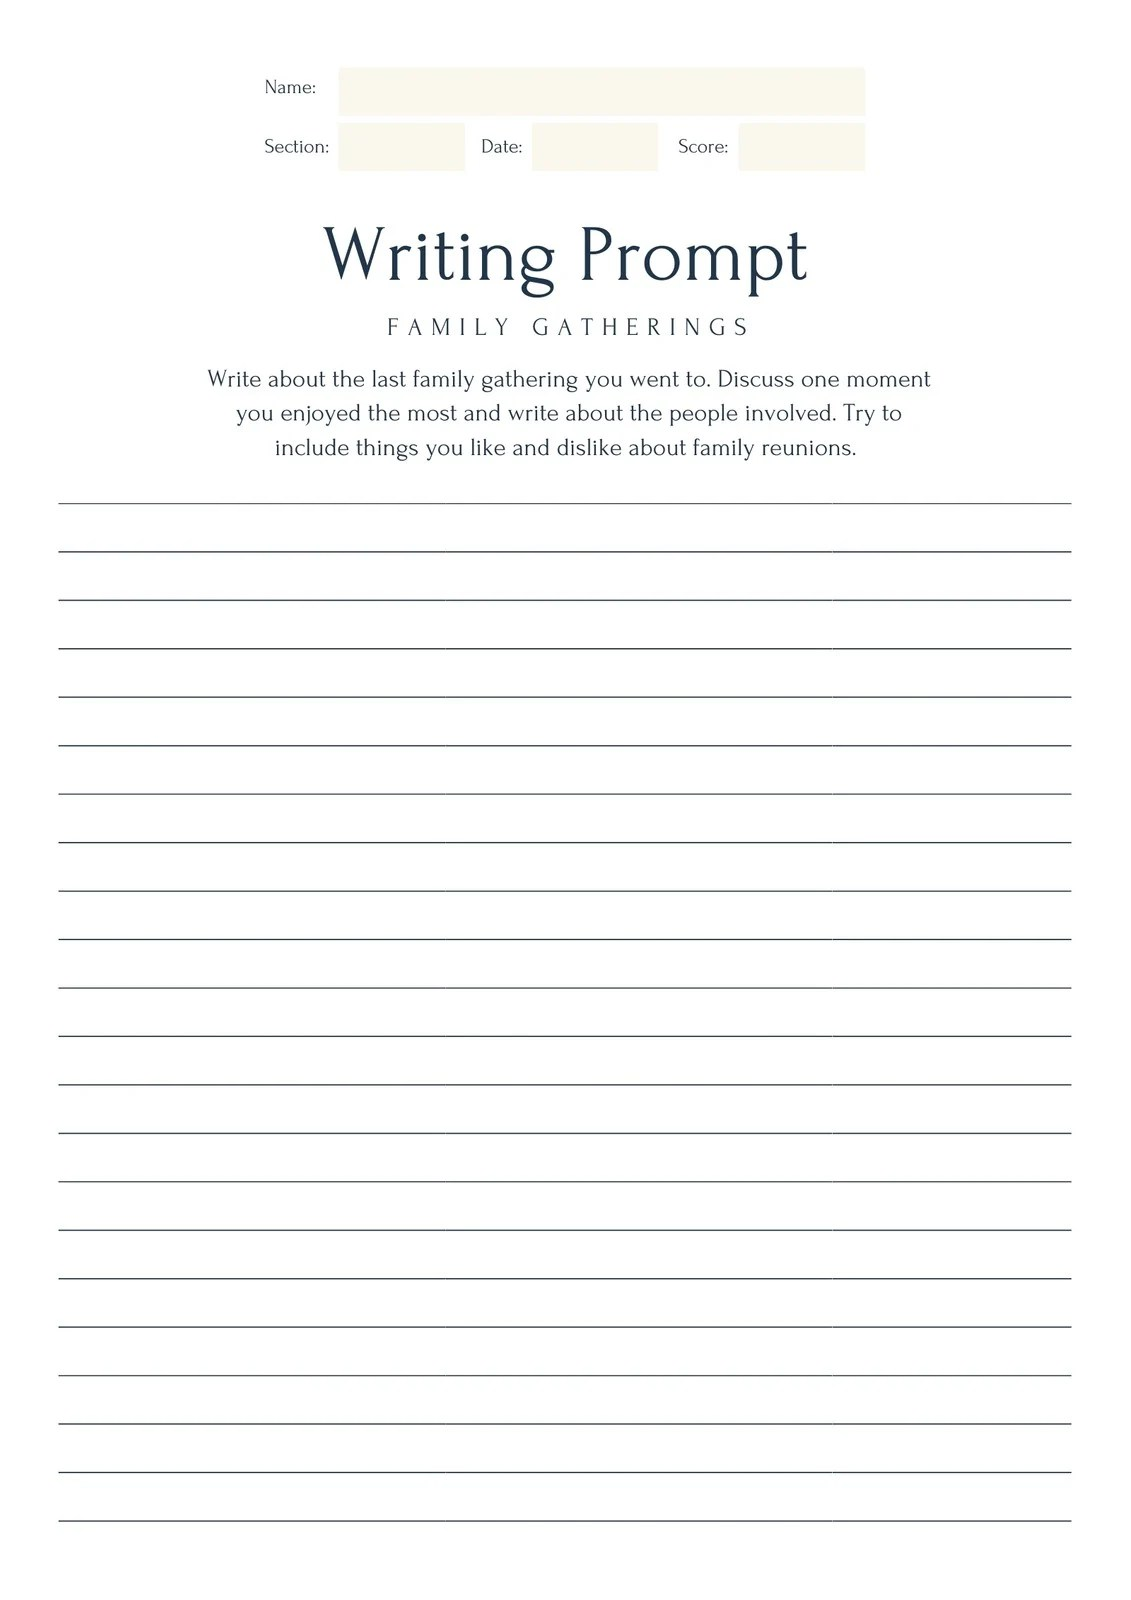 Simple Writing Prompt Worksheet